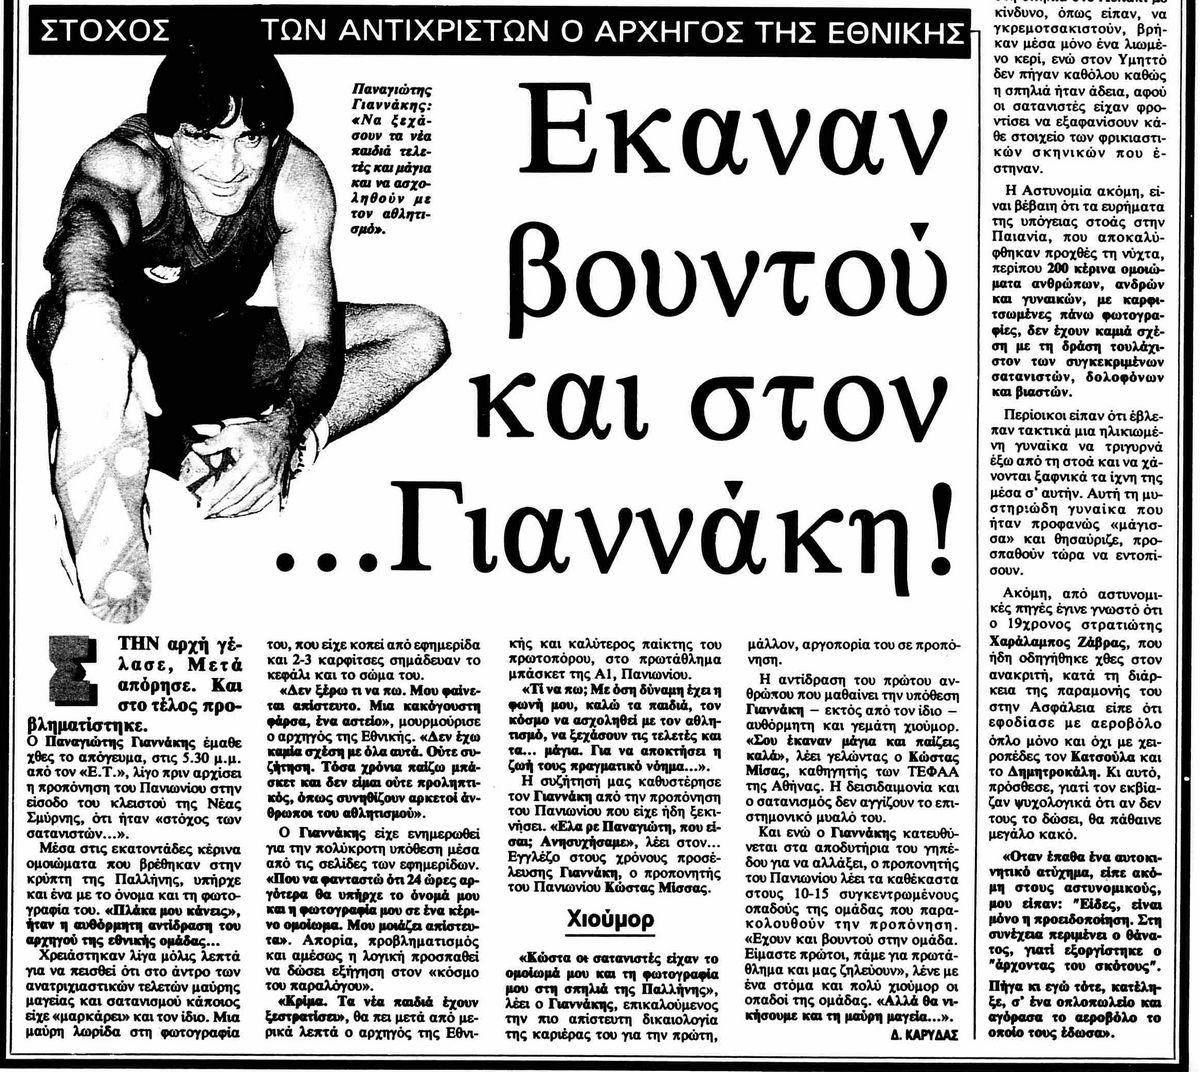 Παναγιώτης Γιαννάκης Σατανιστες Παλληνη Εφημεριδες 1993